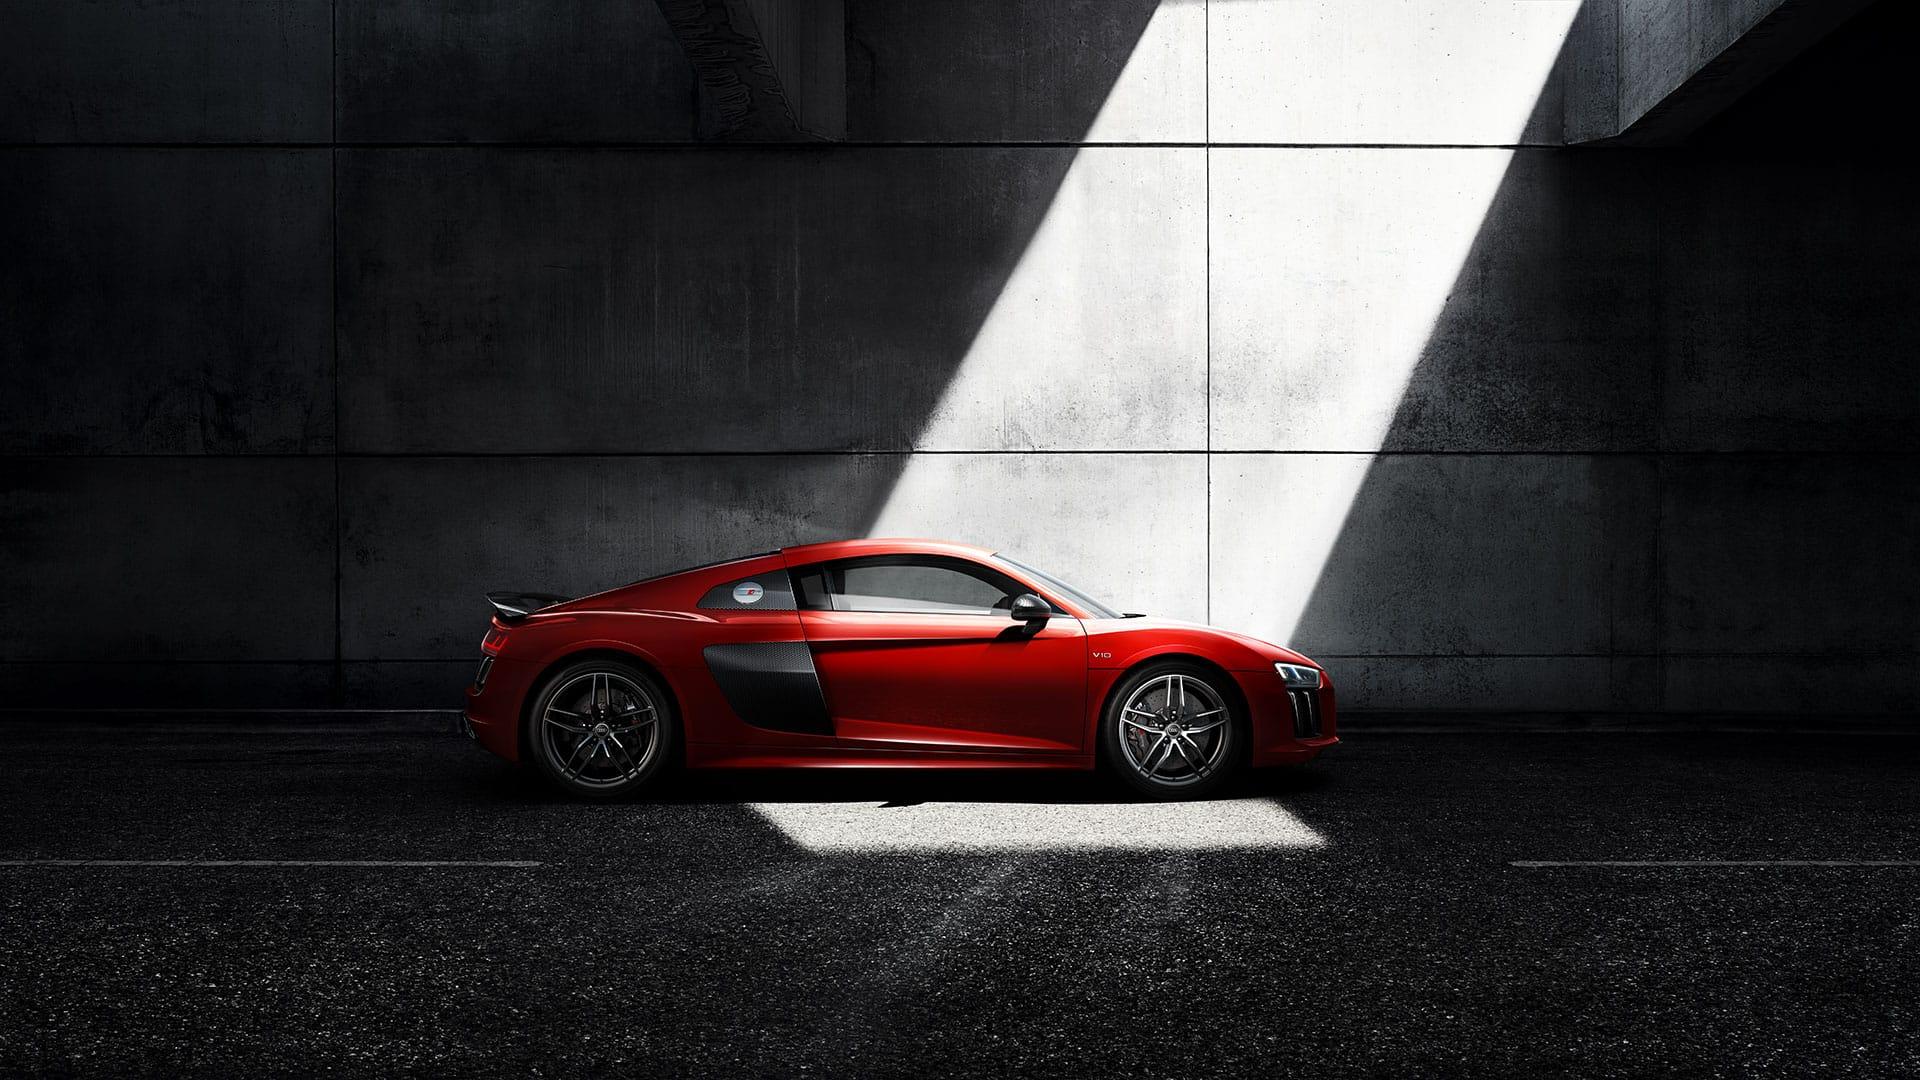 Audi Sport Audi Canada - Audi sports car price list